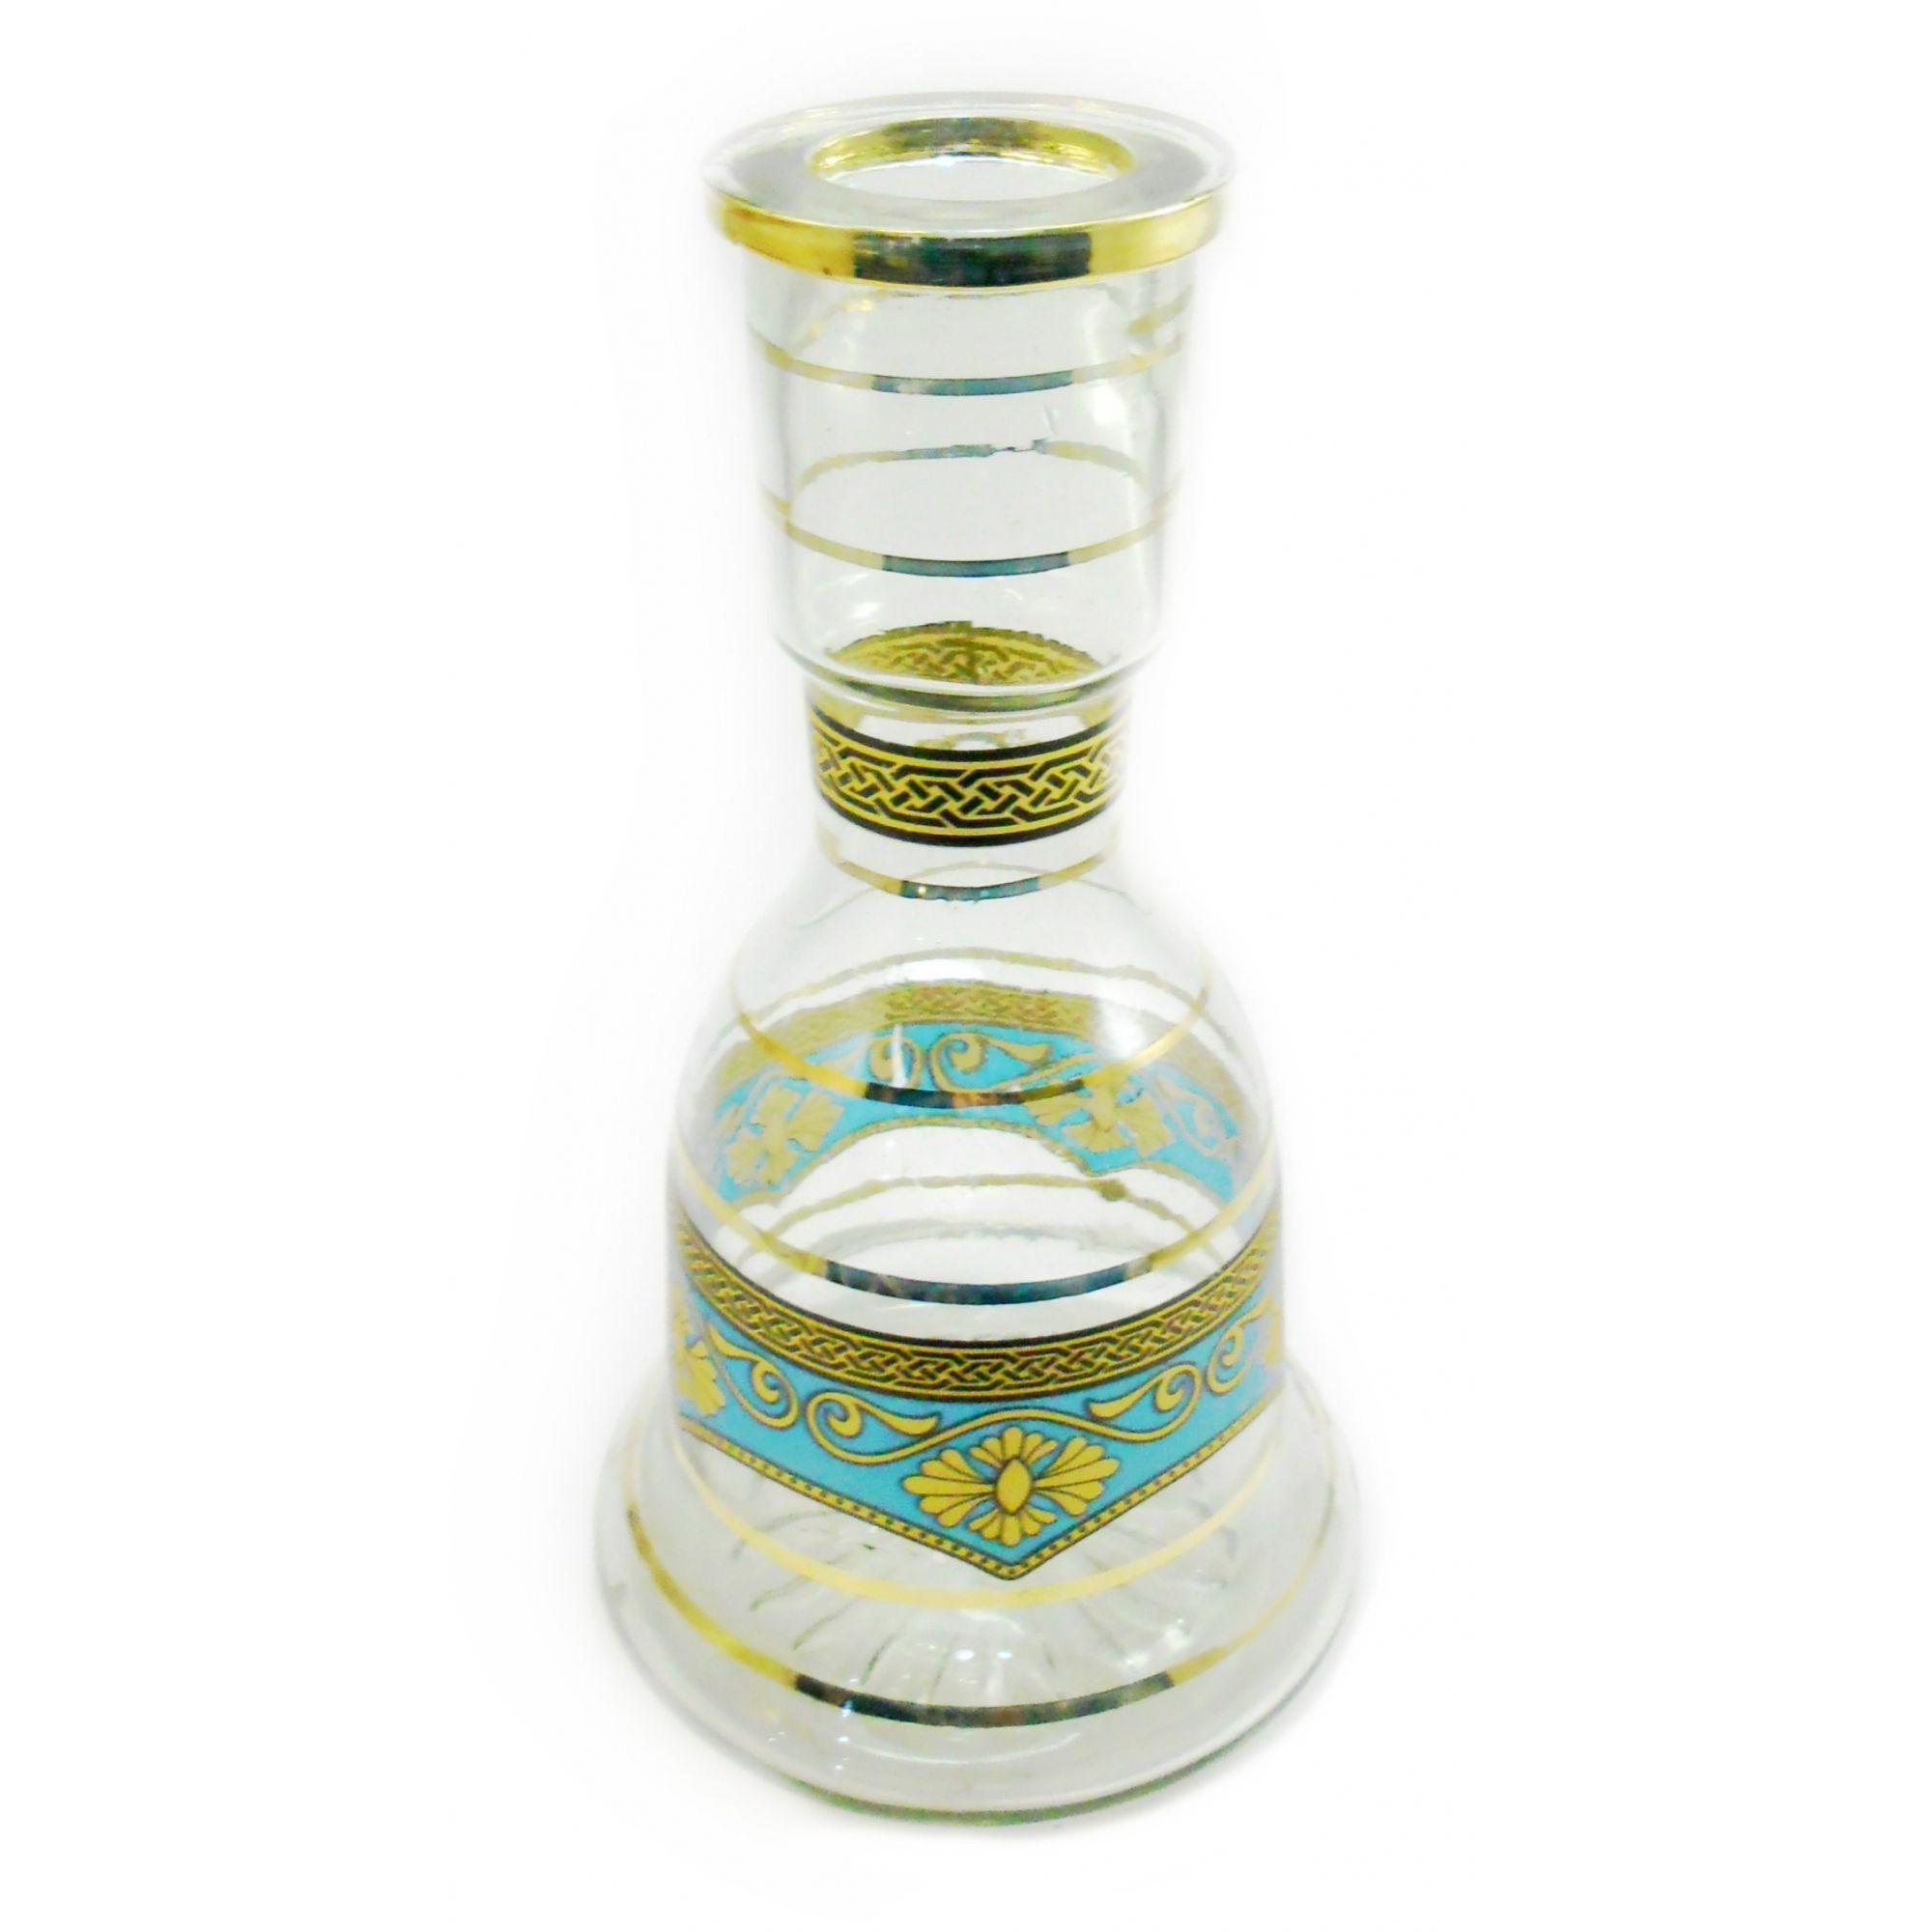 Vaso/base para narguile SINO MÉDIO 25cm, artesanal Egípcio decorado c/ARABESCOS. Bocal 4,0cm diâm.